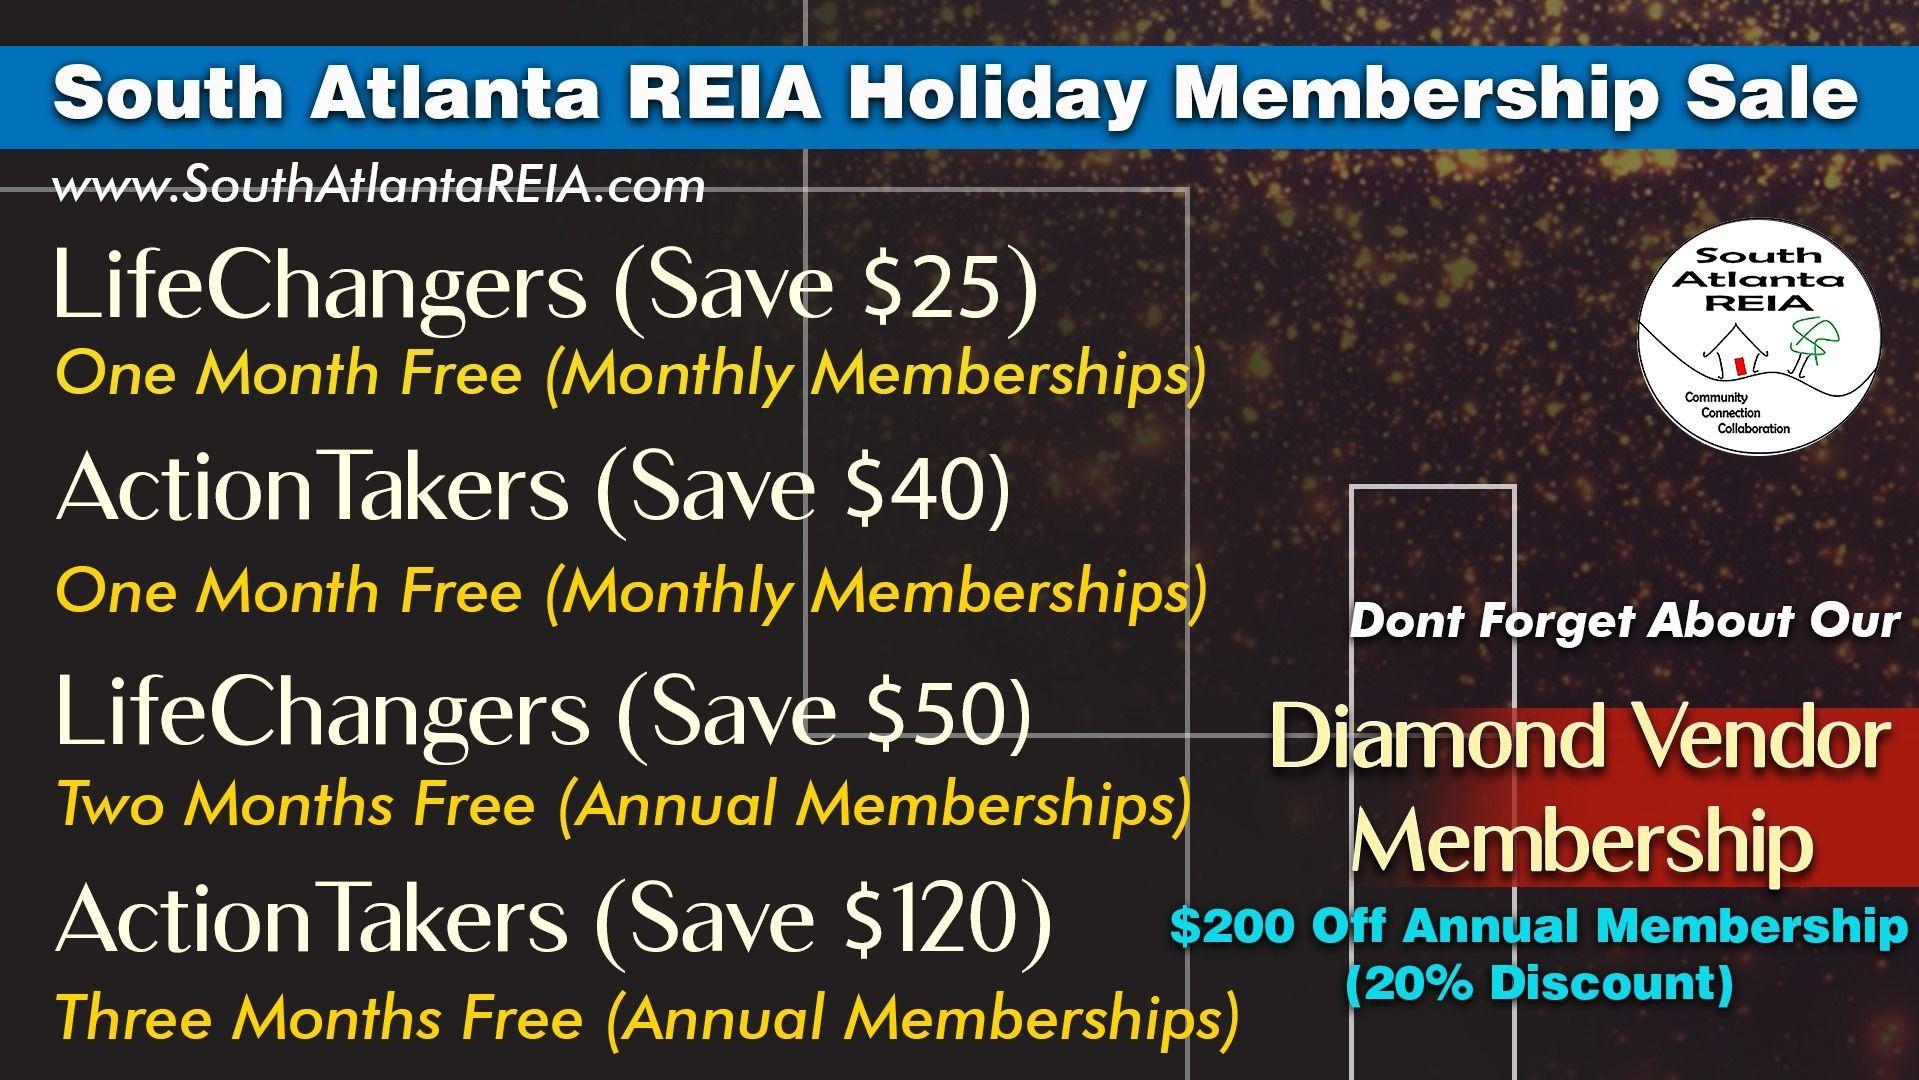 South Atlanta REIA